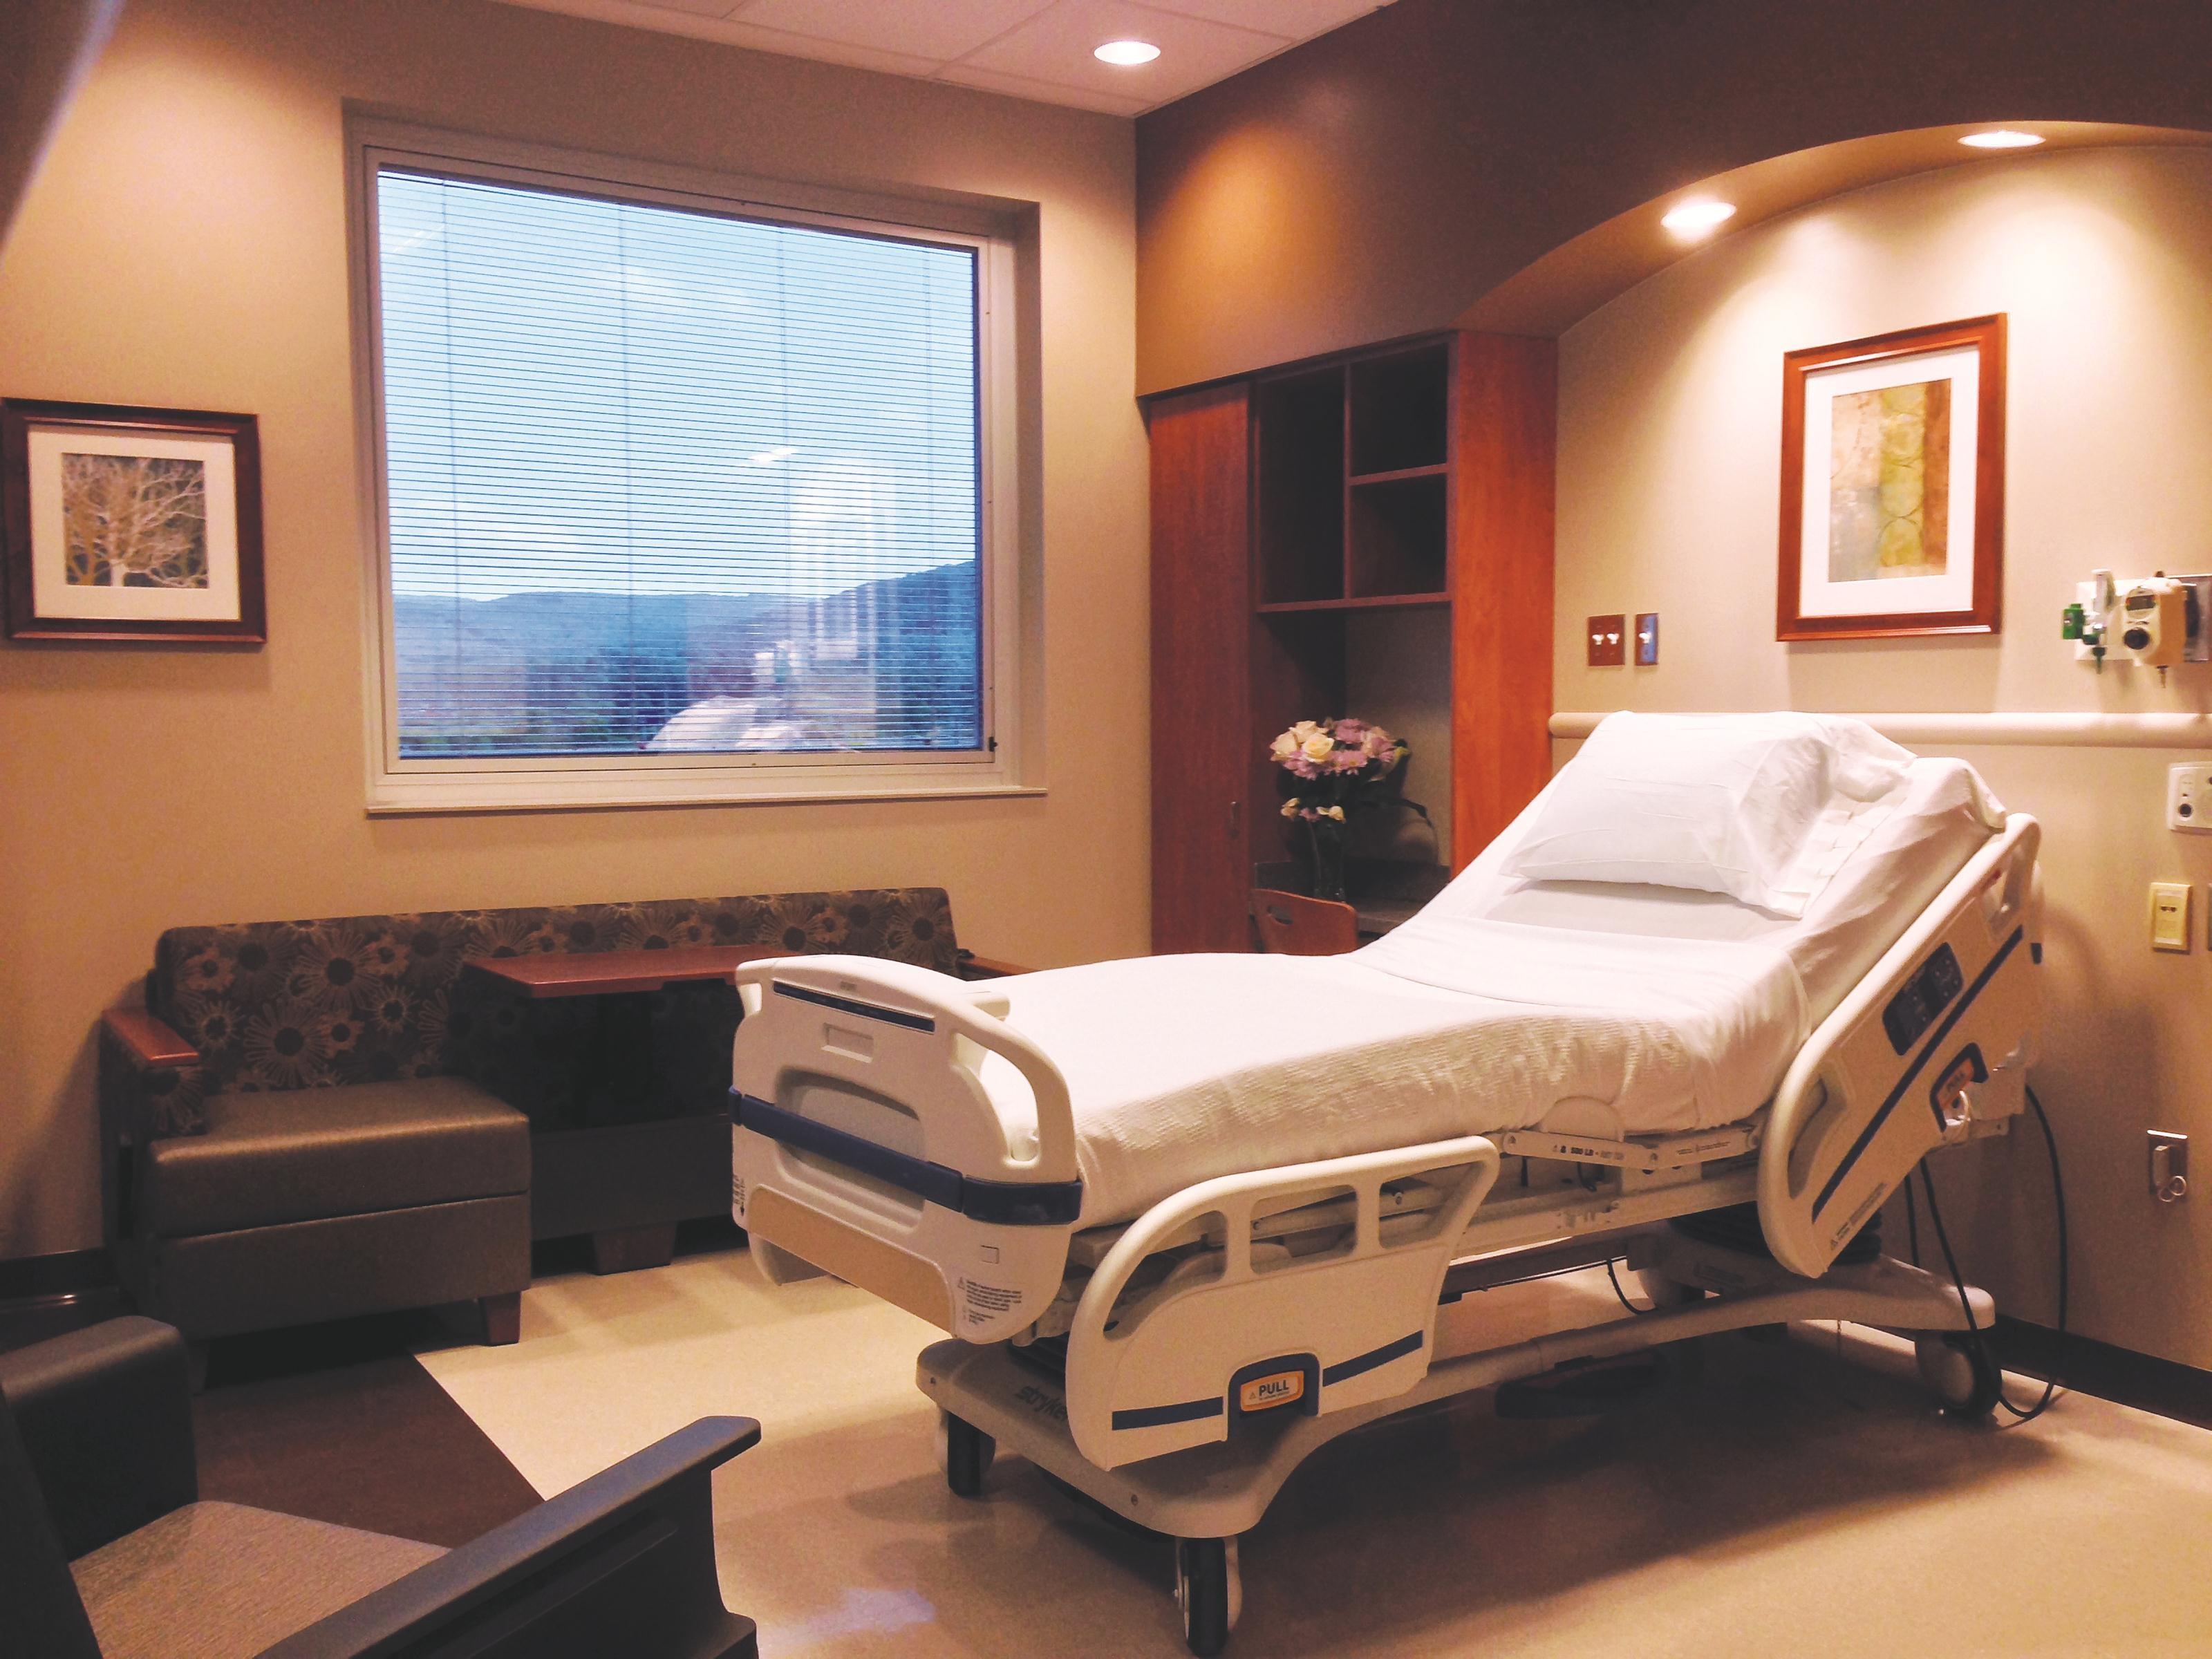 Guthrie Corning Hospital image 1